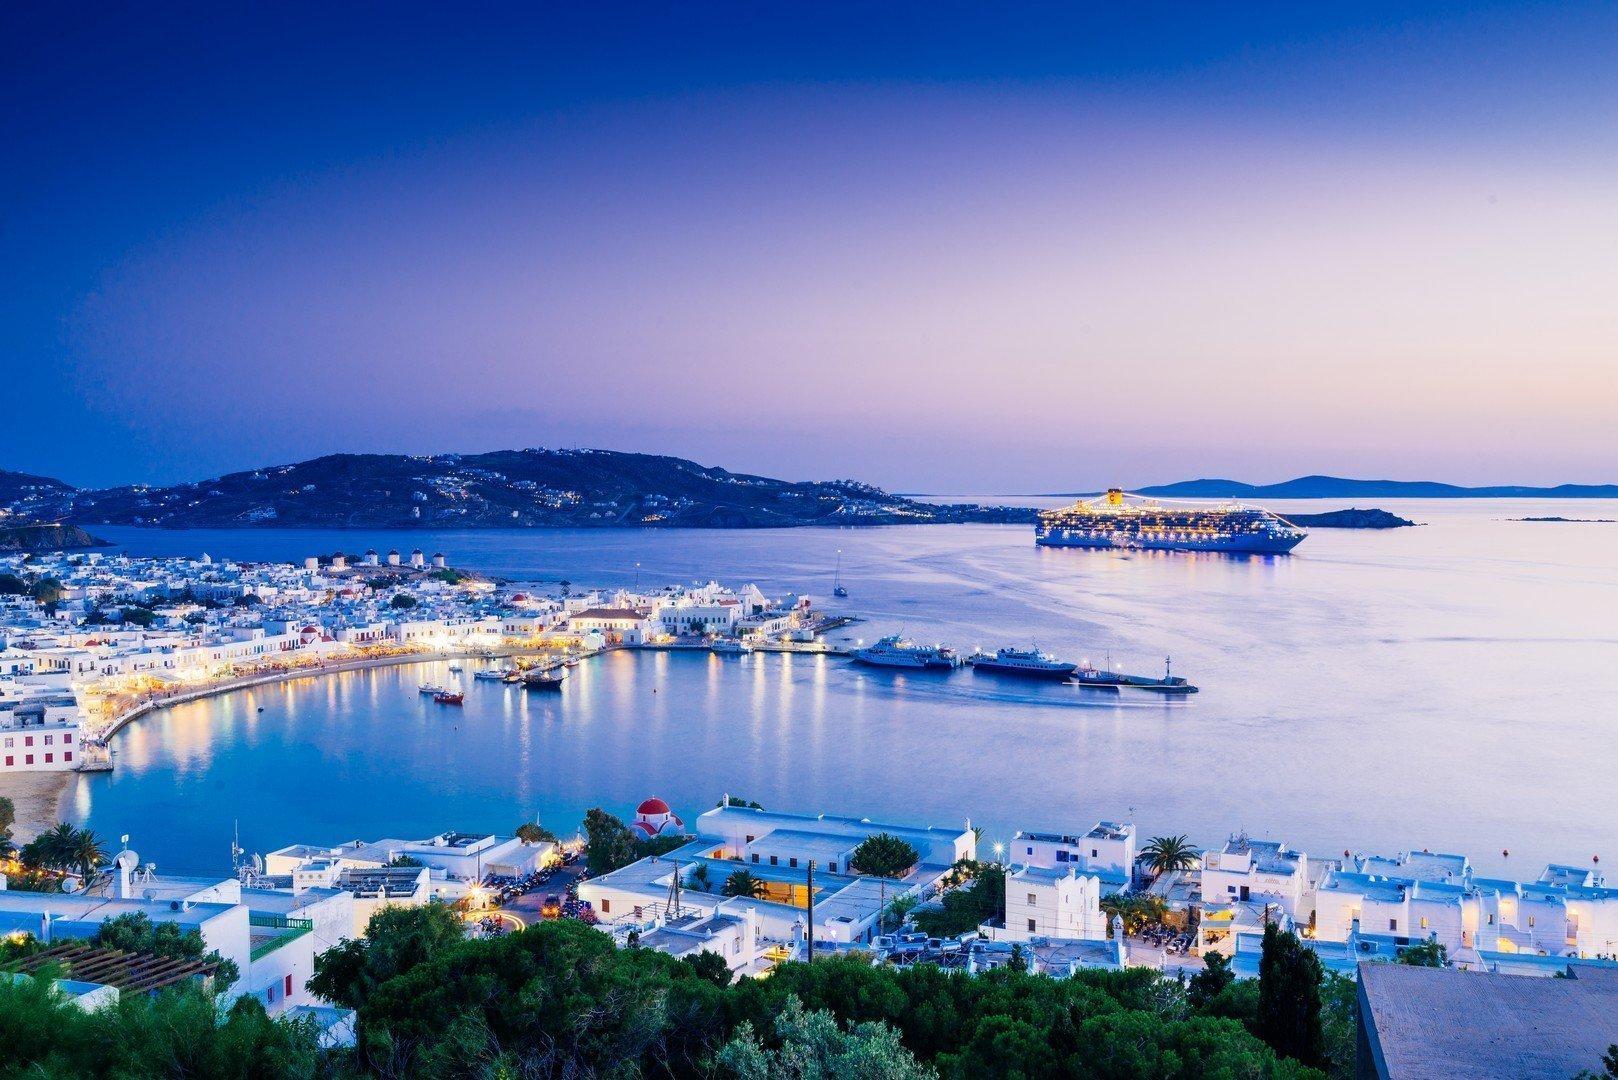 Beatiful twilight over Mykonos town, Mykonos island, Cyclades archipelago, Greece shutterstock_547490086